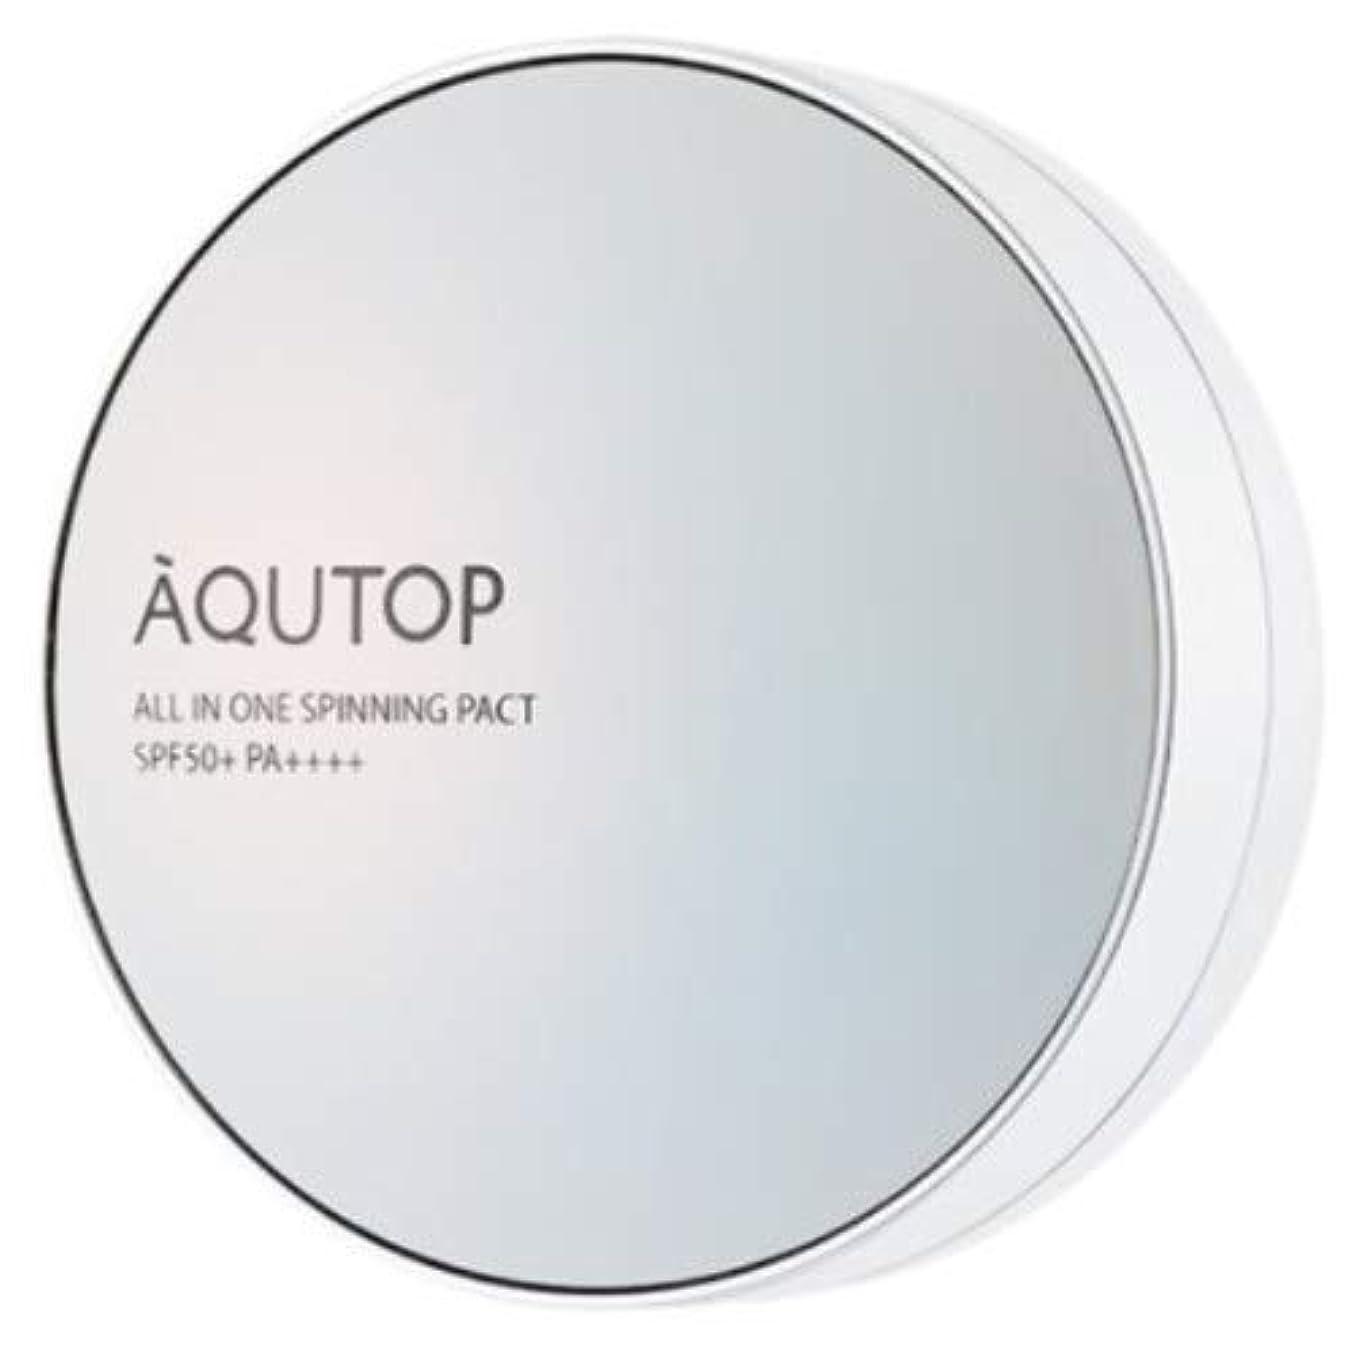 奨励カッタートランスミッション[AQUTOP] アクタップオールインワンスピニングファクト SPF 50+ PA ++++ / AQUTOP ALL IN ONE SPINNING PACT [並行輸入品] (21号 ライトベージュ)